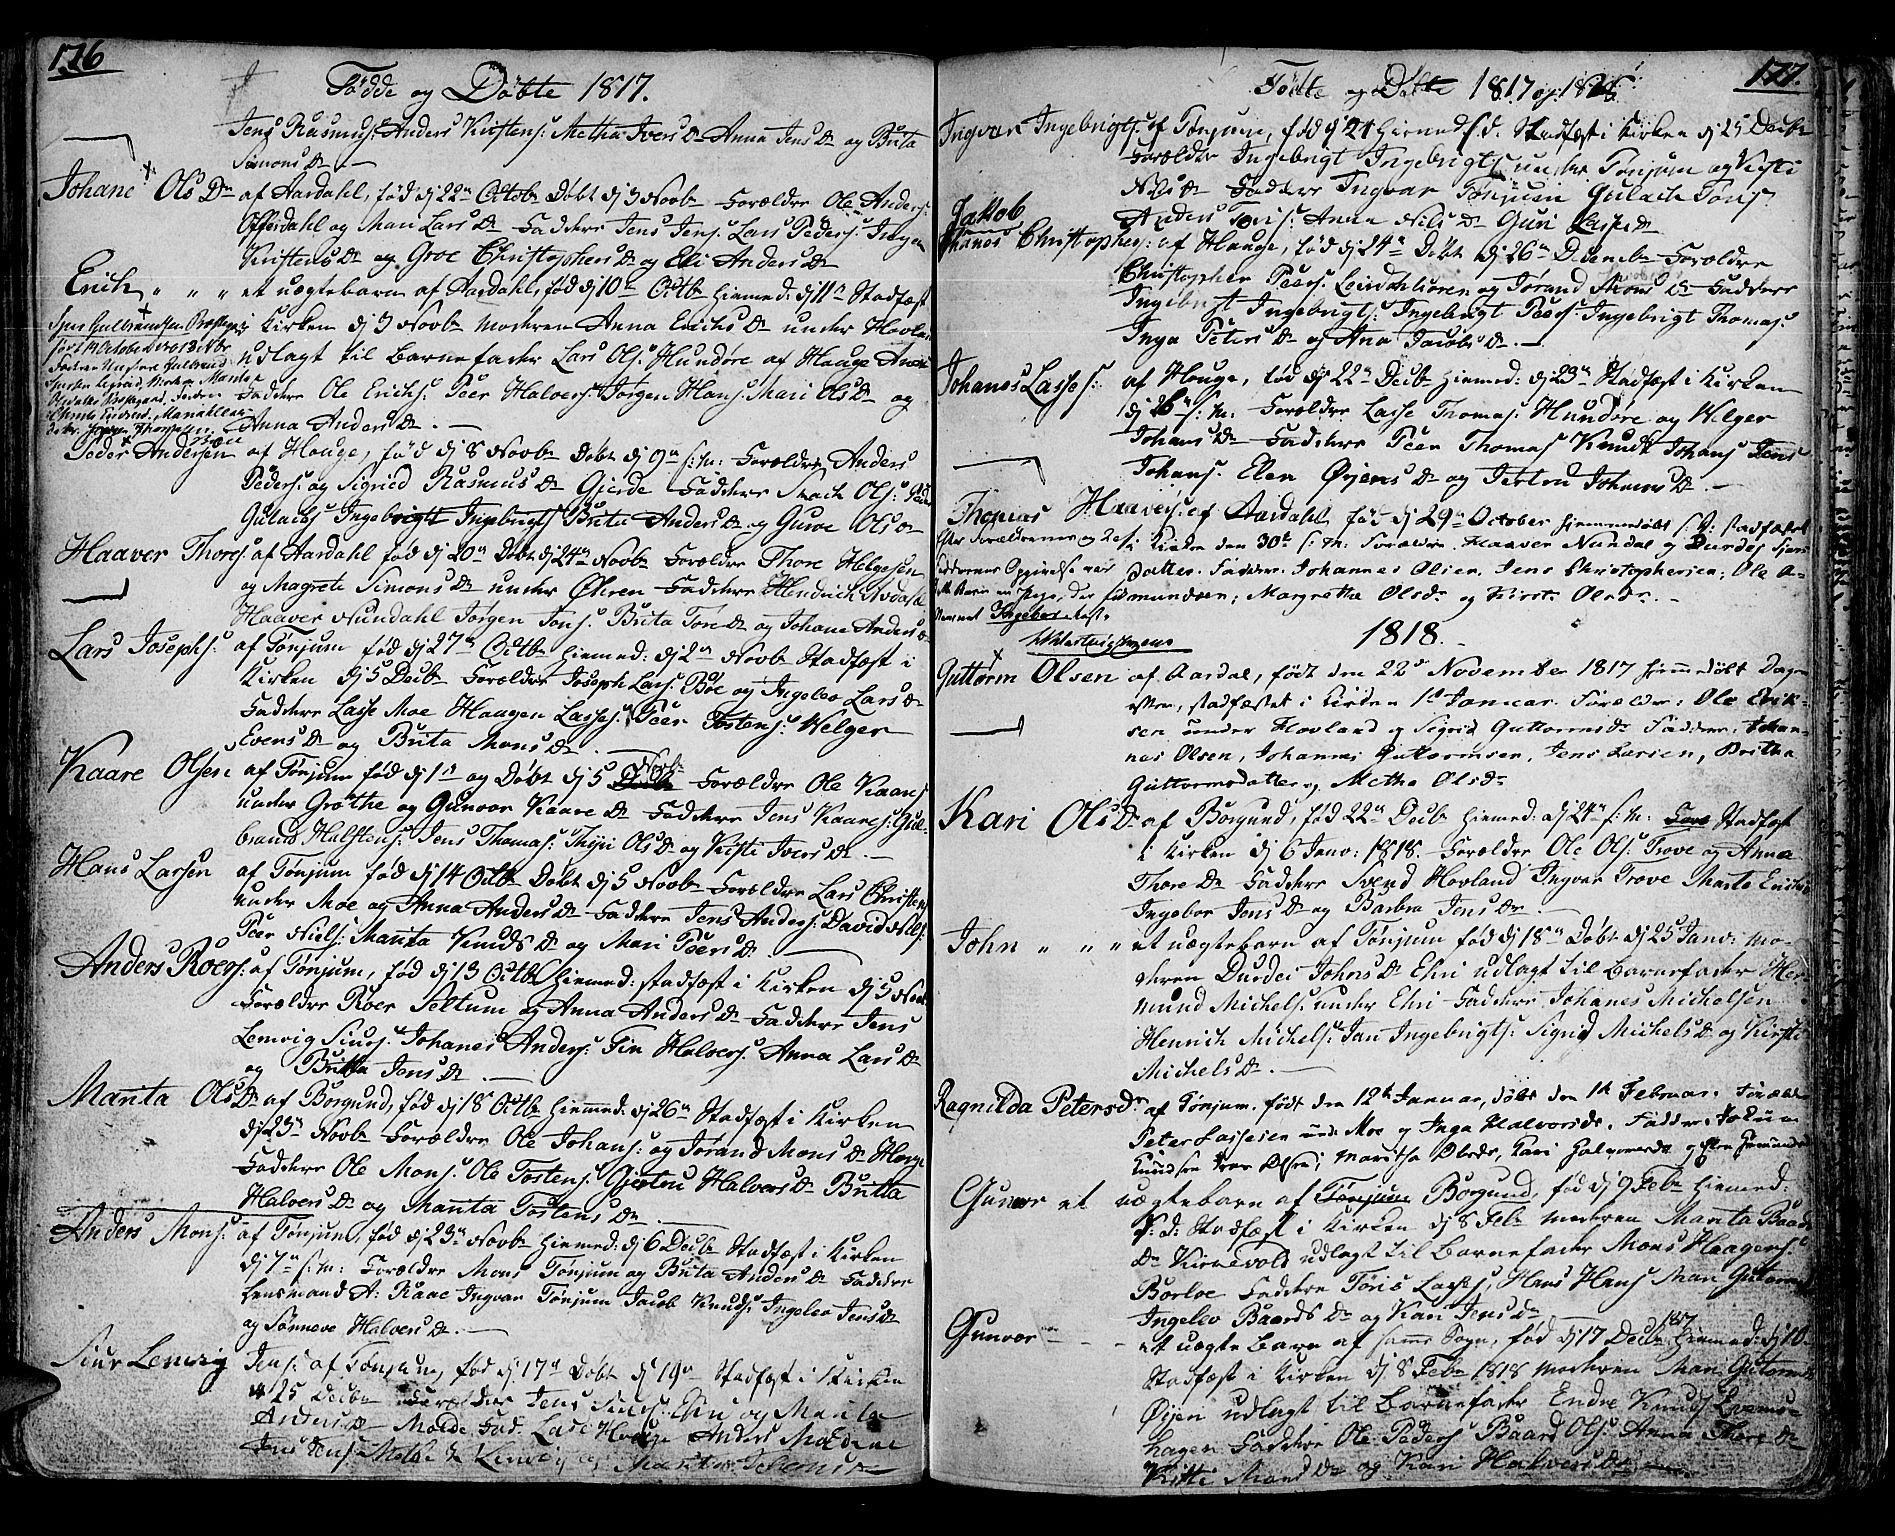 SAB, Lærdal sokneprestembete, Ministerialbok nr. A 4, 1805-1821, s. 176-177